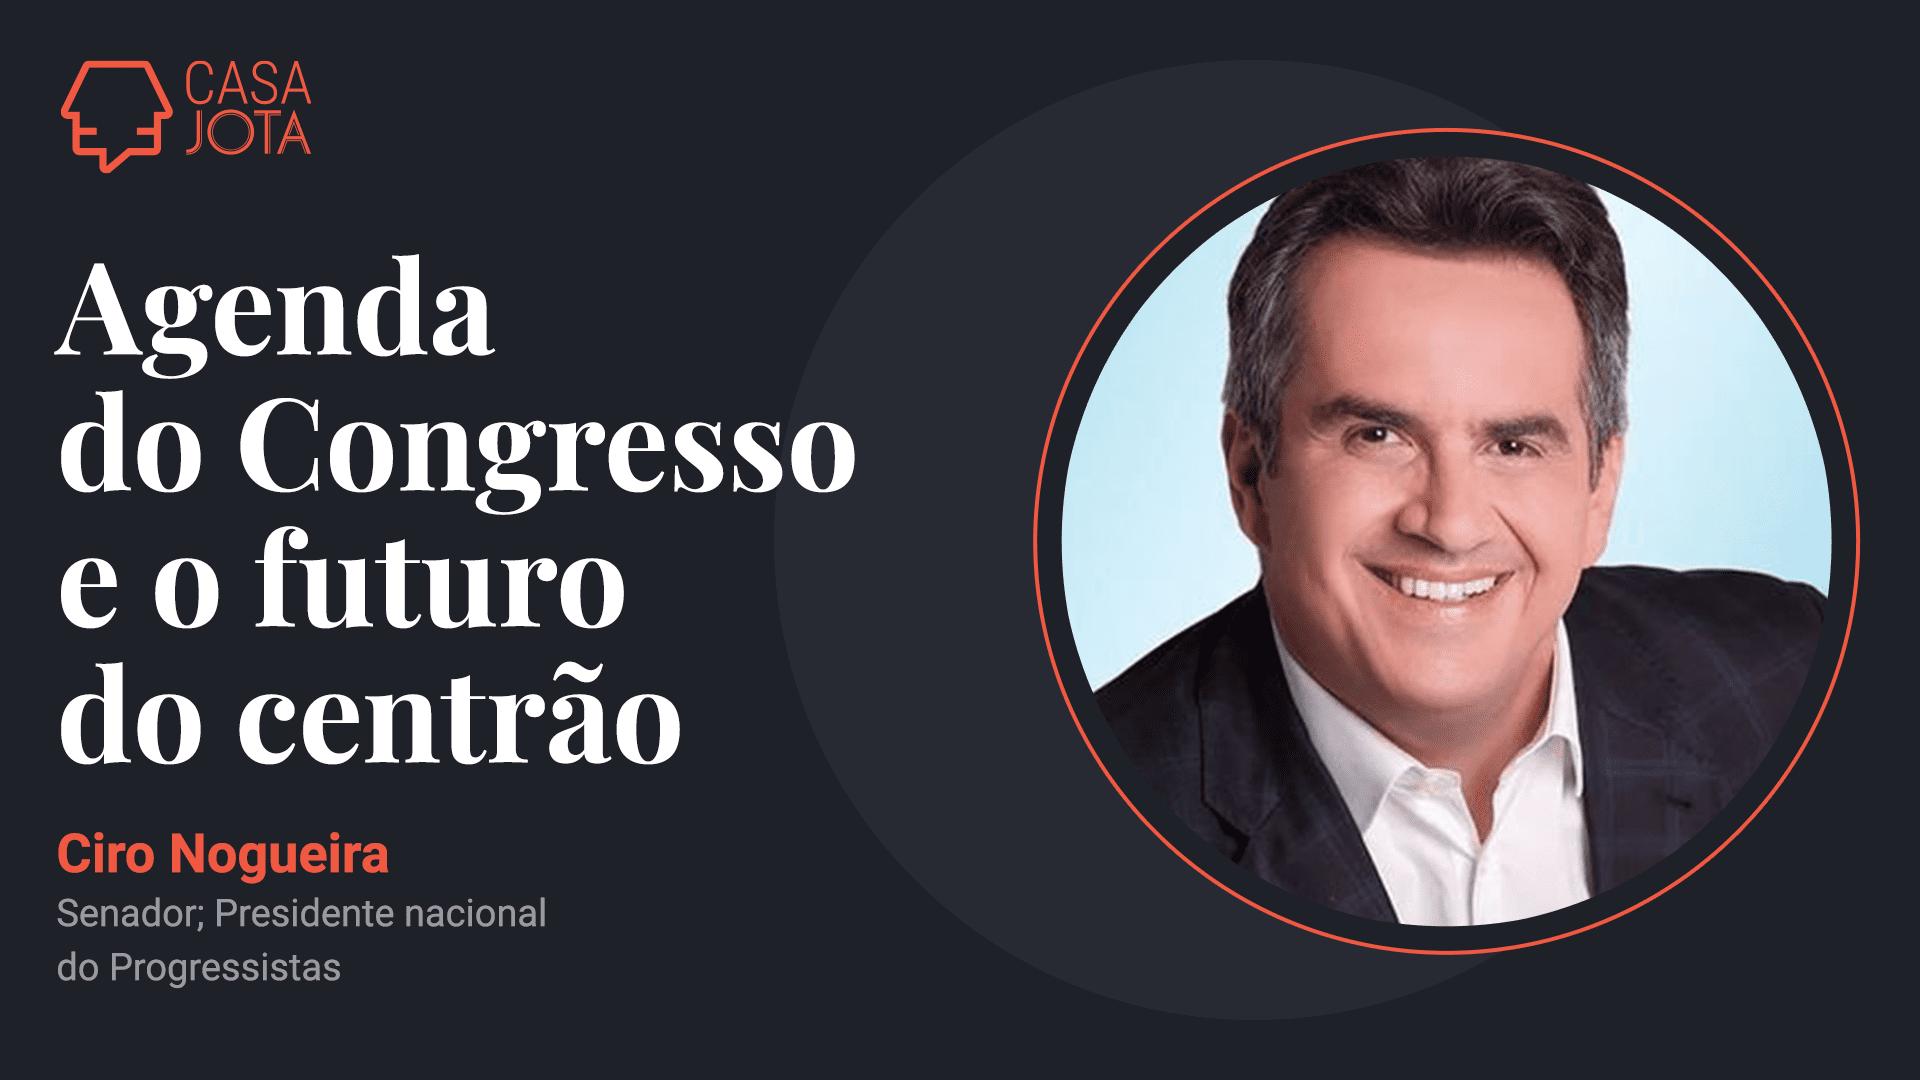 Senador Ciro Nogueira, presidente nacional do Progressistas